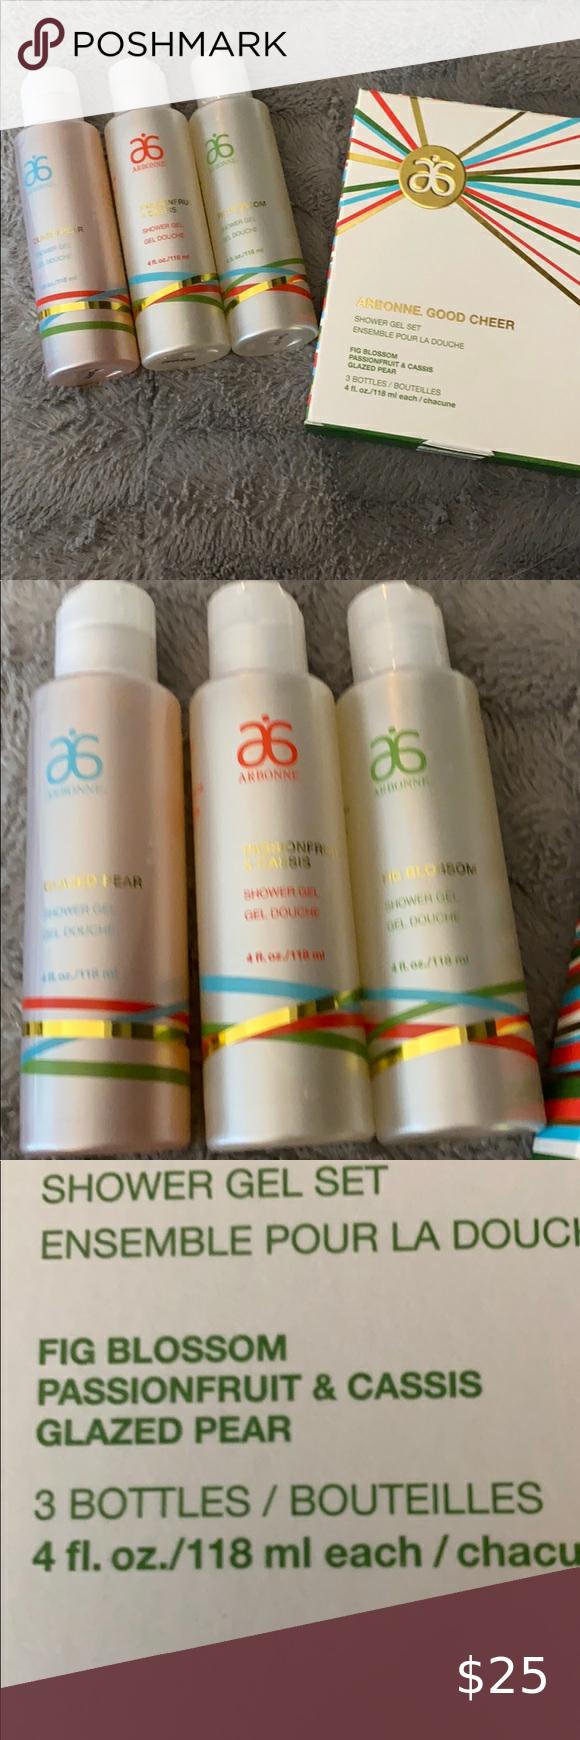 Nails  #shower #bottle shower gel bottle oriflame discover shower gel love nat Gifts Gifts aesthetic